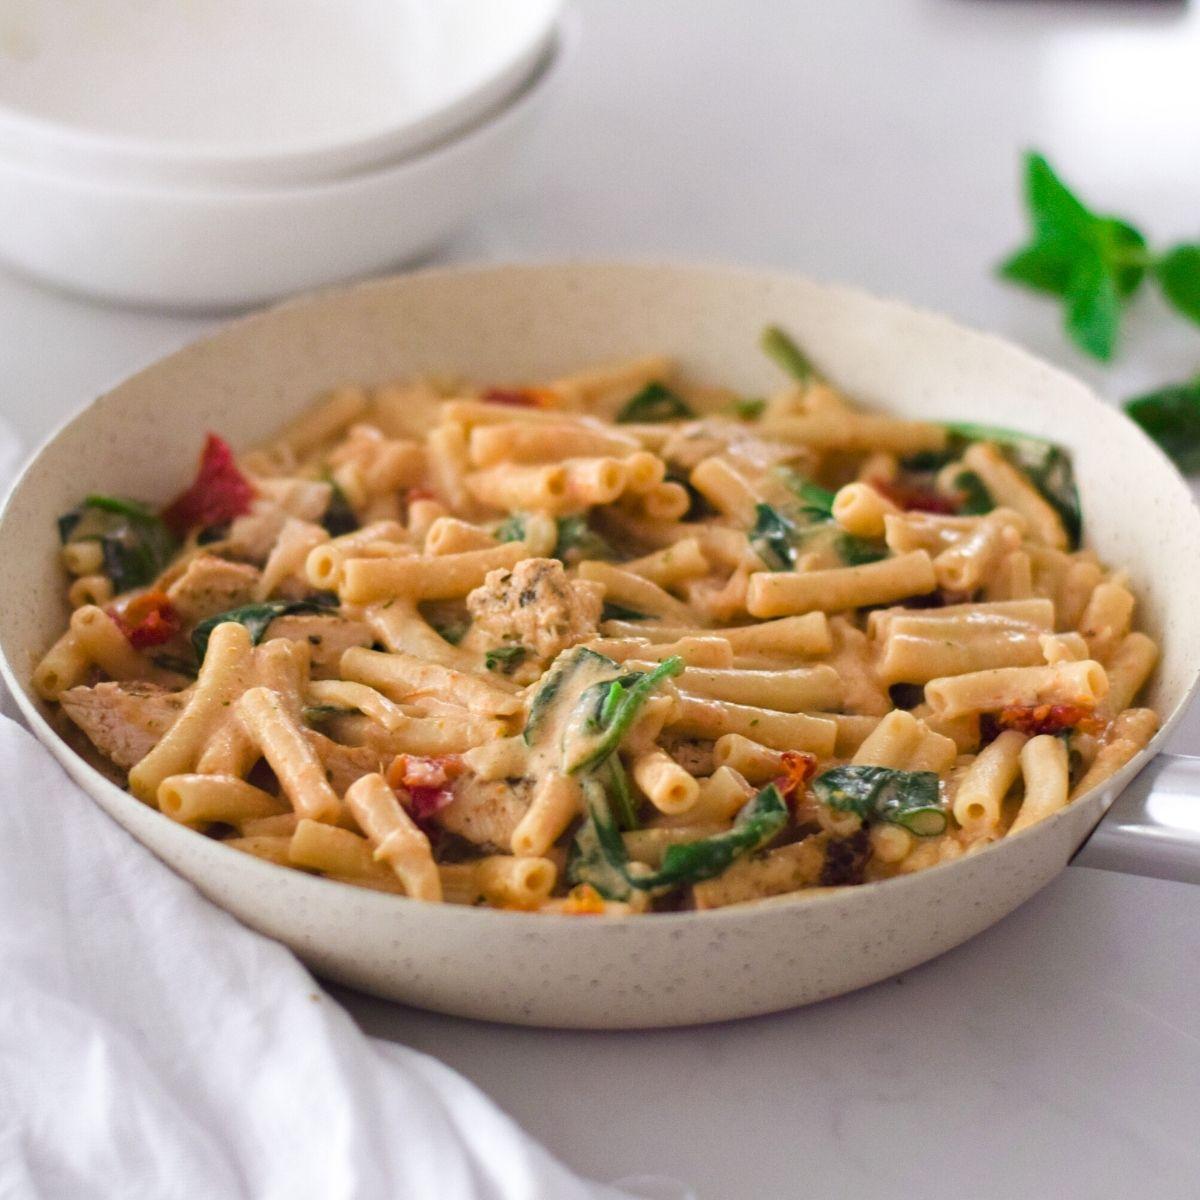 Creamy Sundried Tomato Spinach Pasta